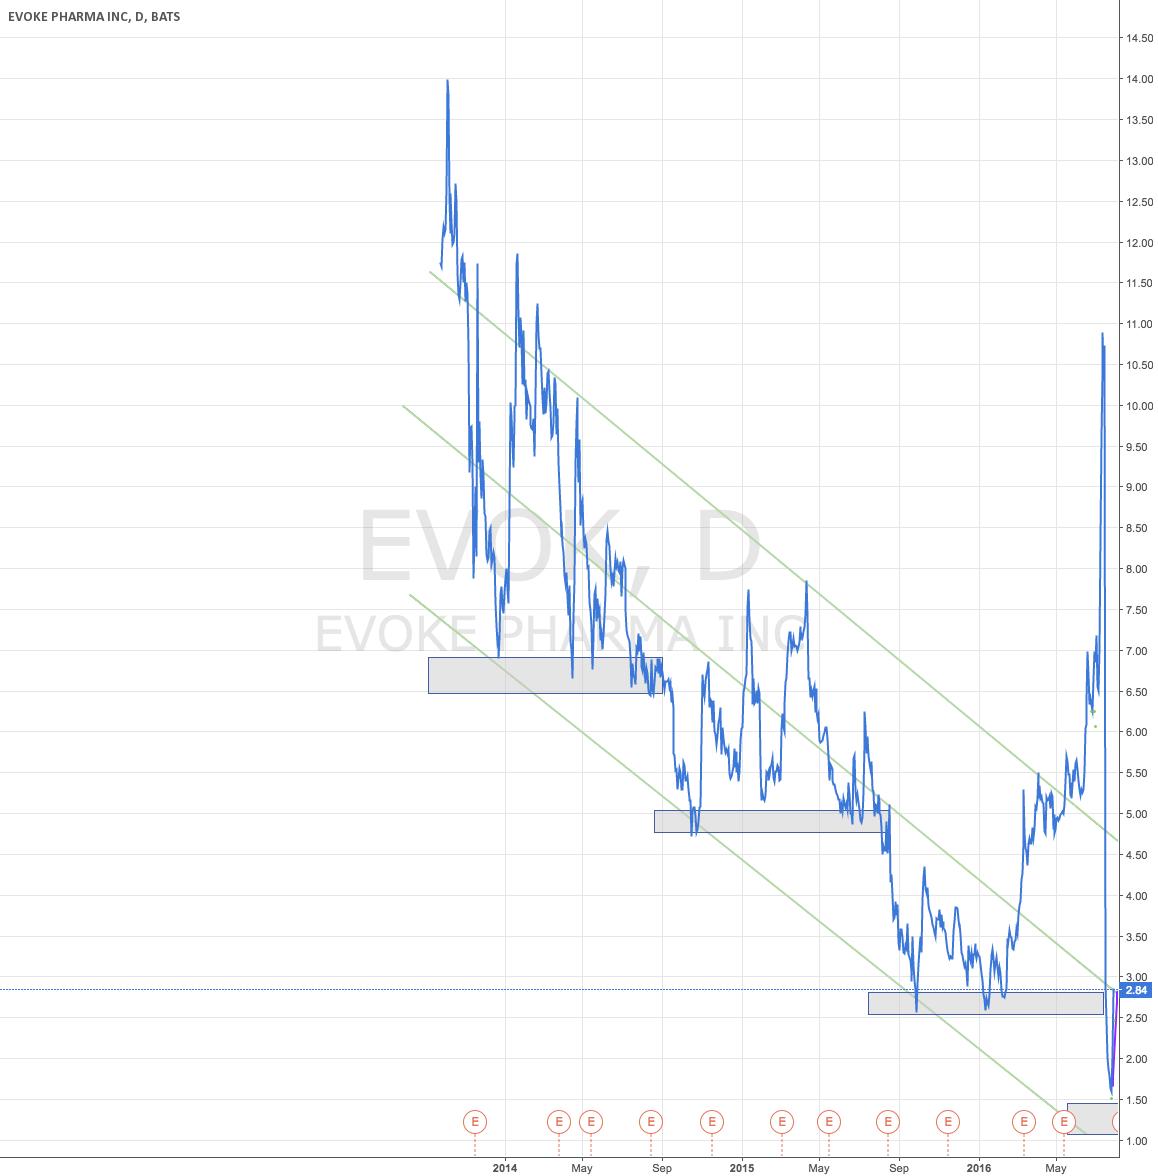 EVOK Trend Downwards?